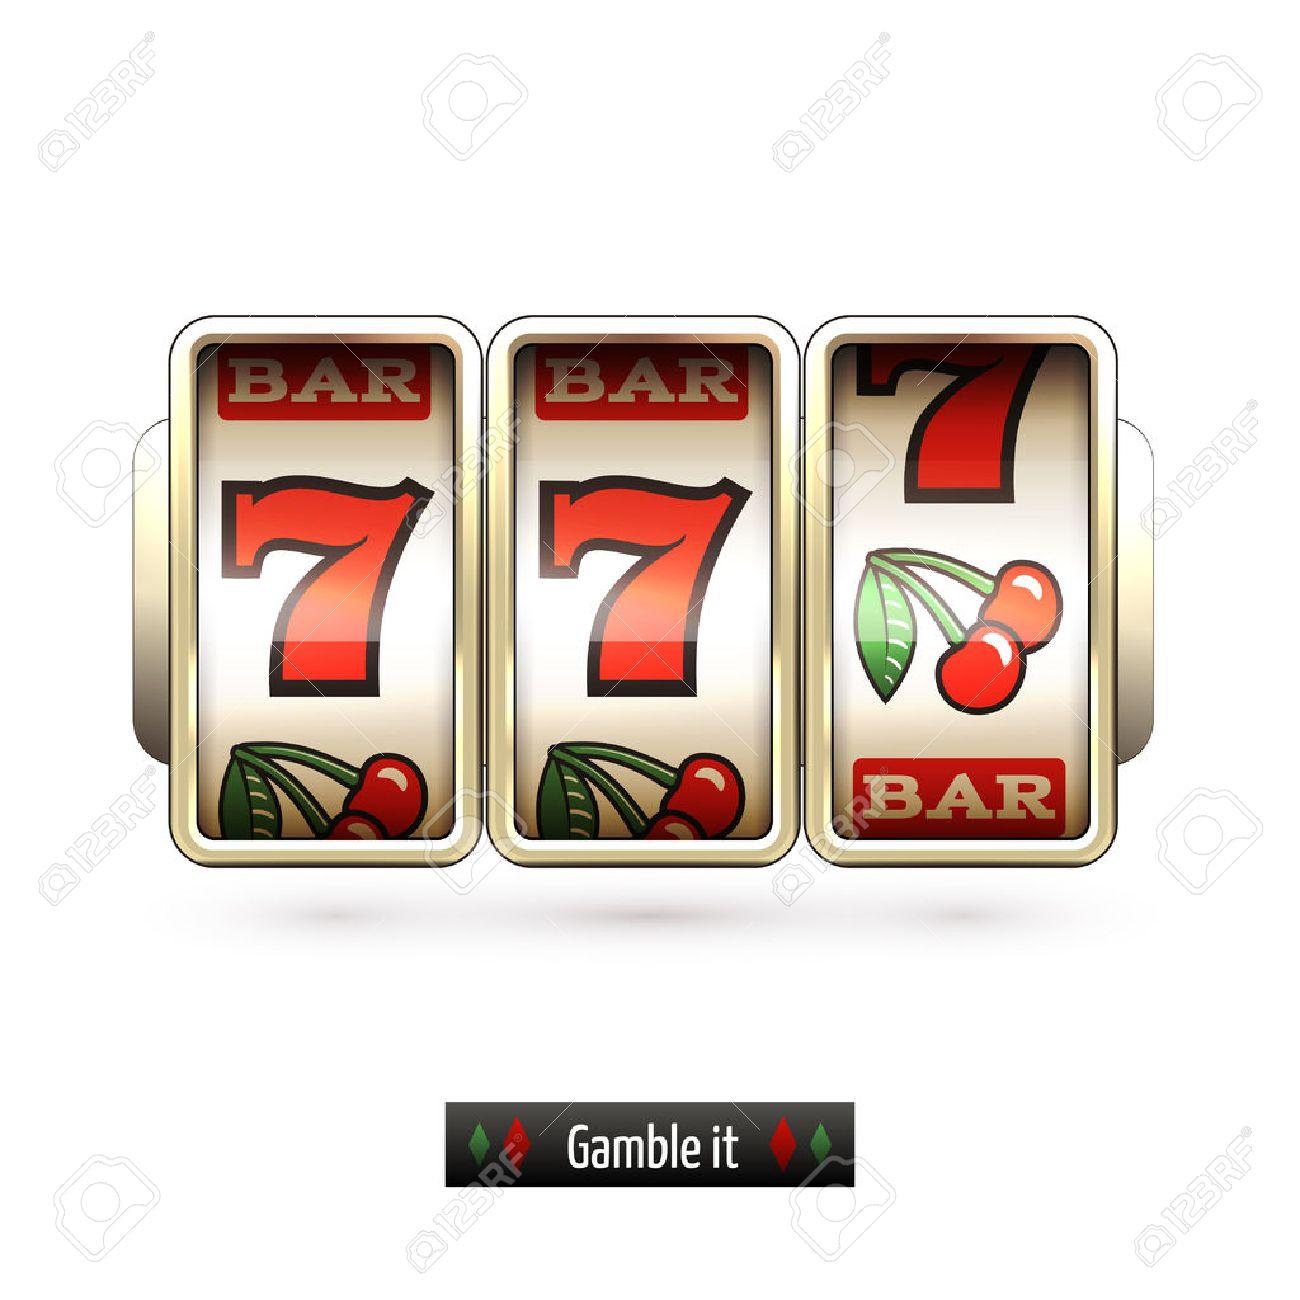 Game gamble casino slot machine realistic isolated on white background illustration - 32944860